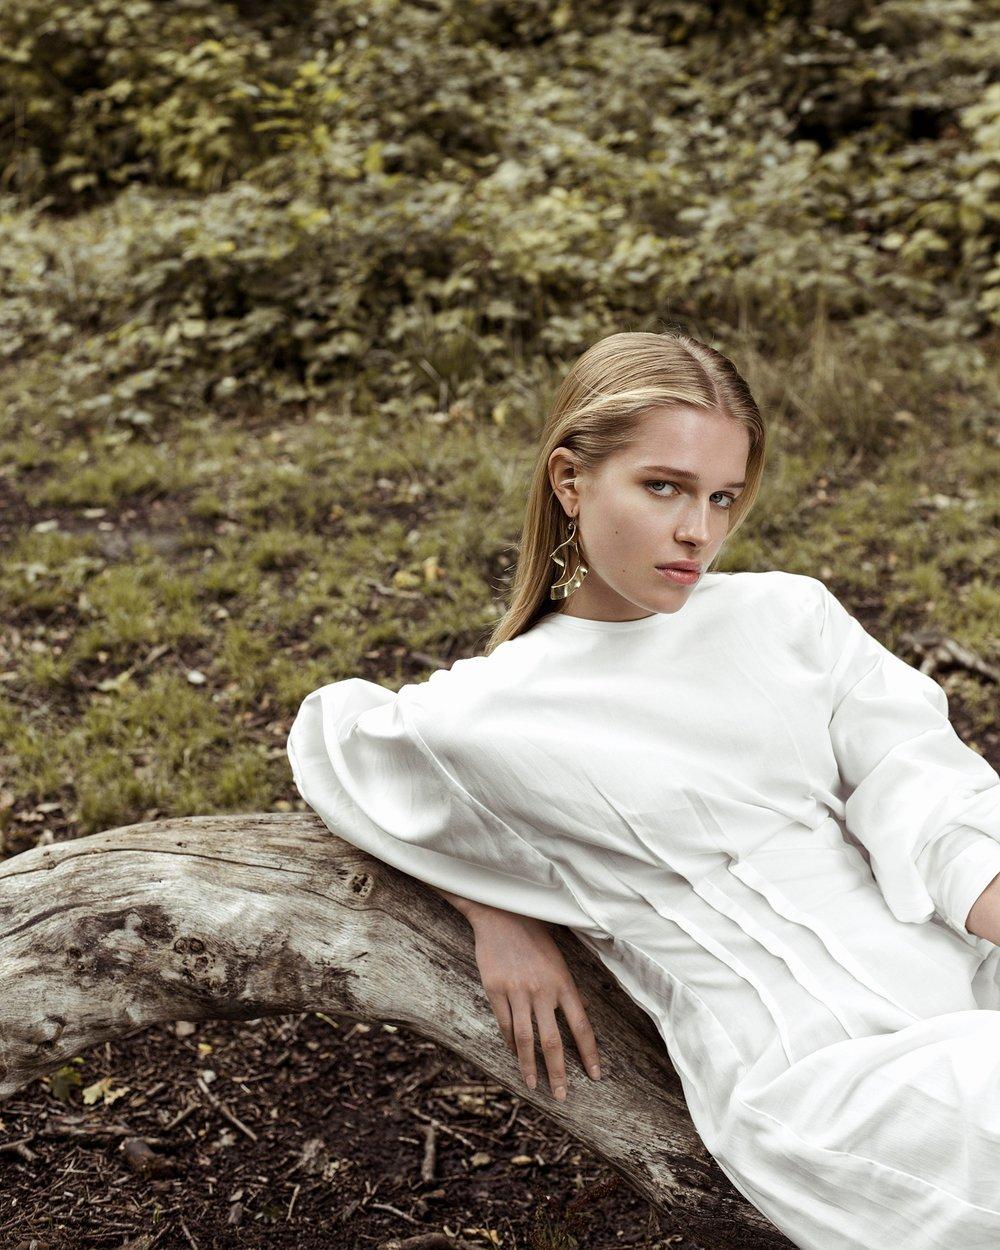 EDEN_Kristina Loewen (7 von 11).jpg